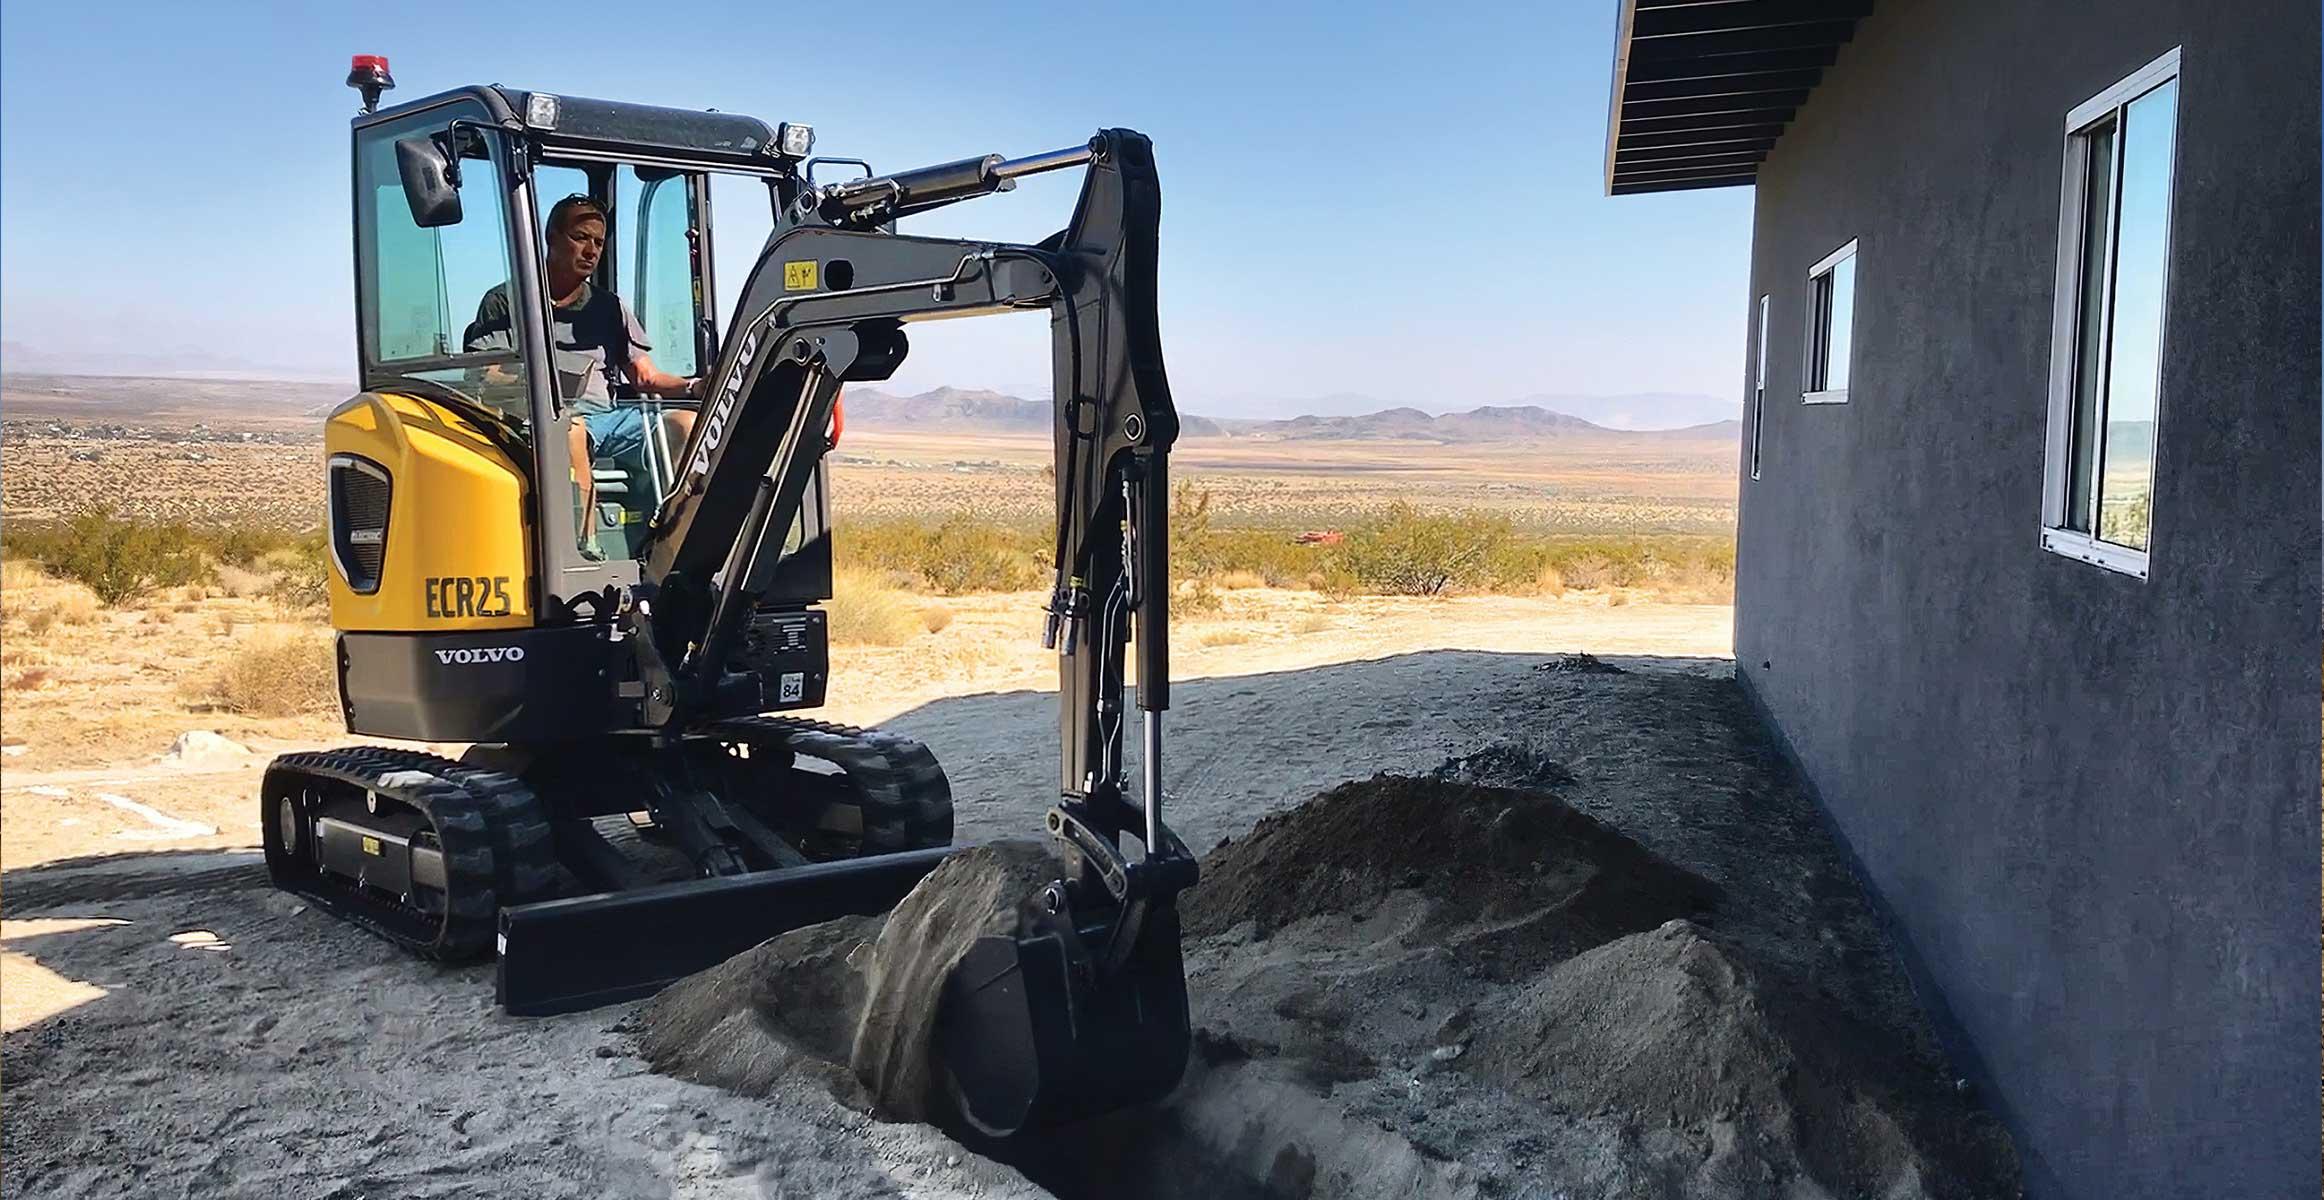 Les engins de chantier verts font leur marque dans le désert